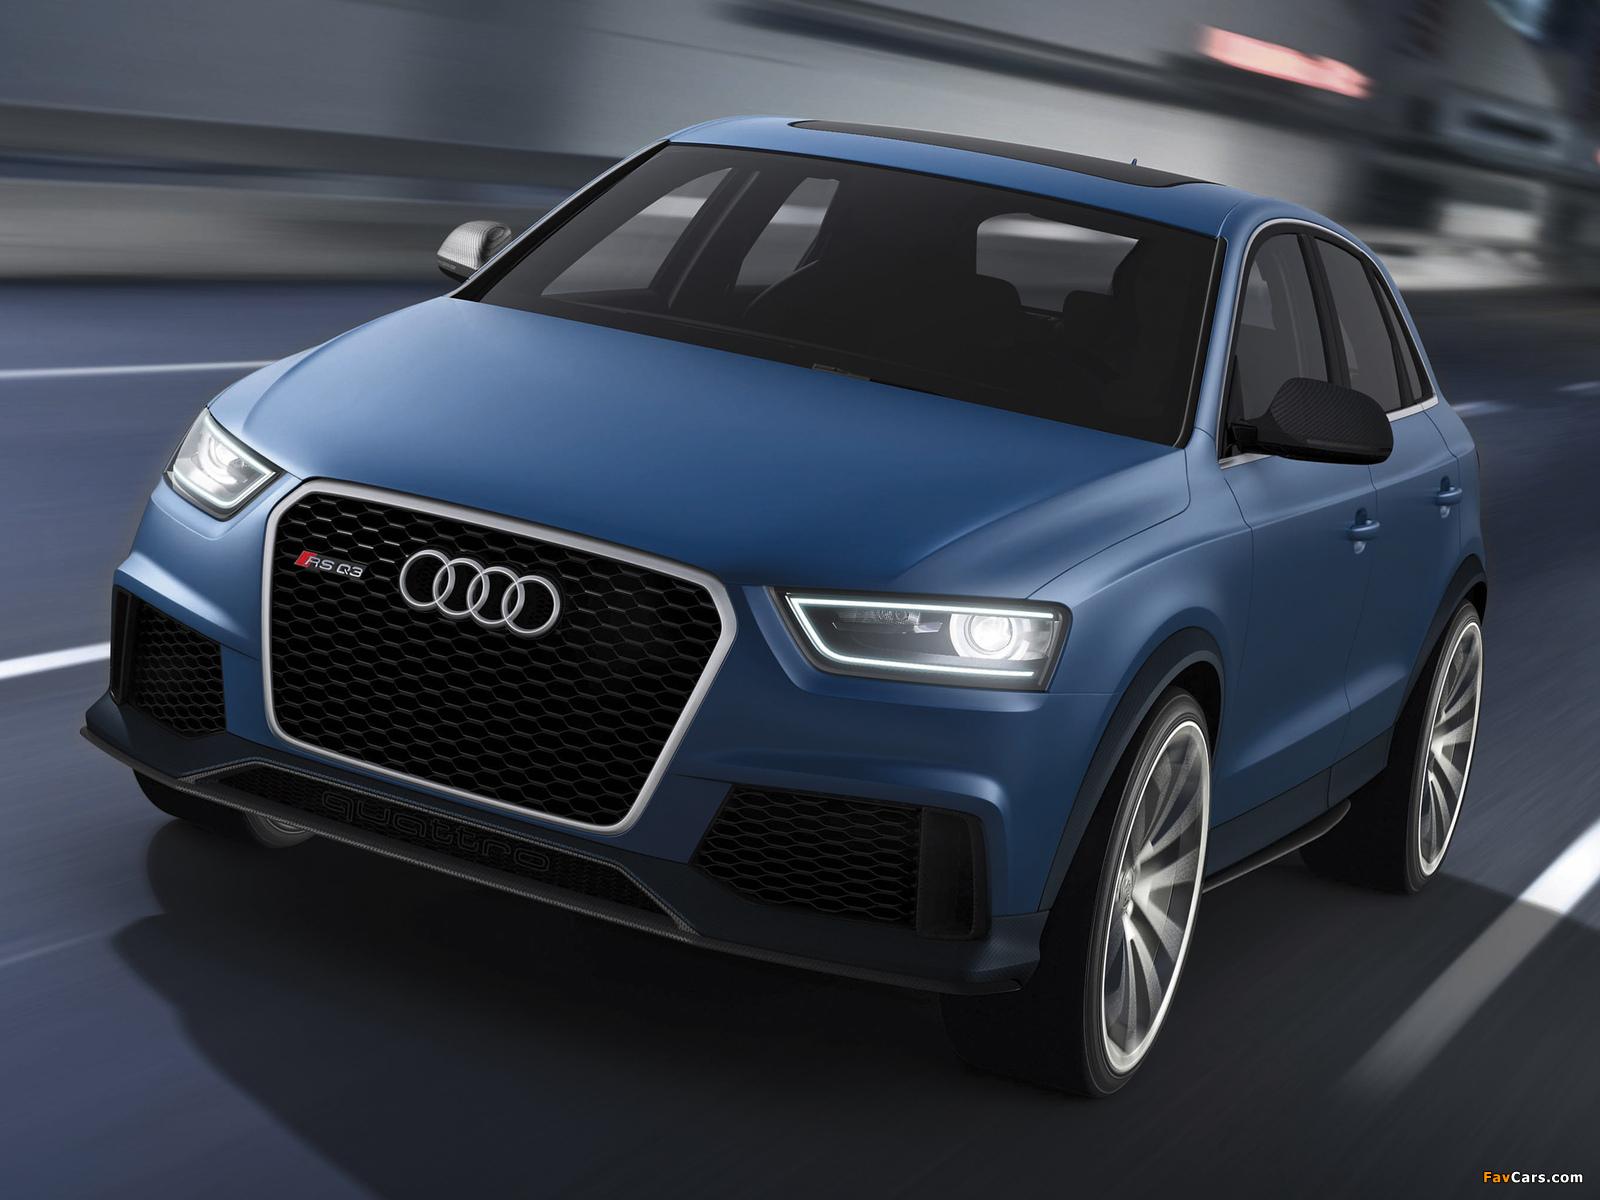 Audi RS Q3 Concept 2012 images (1600 x 1200)